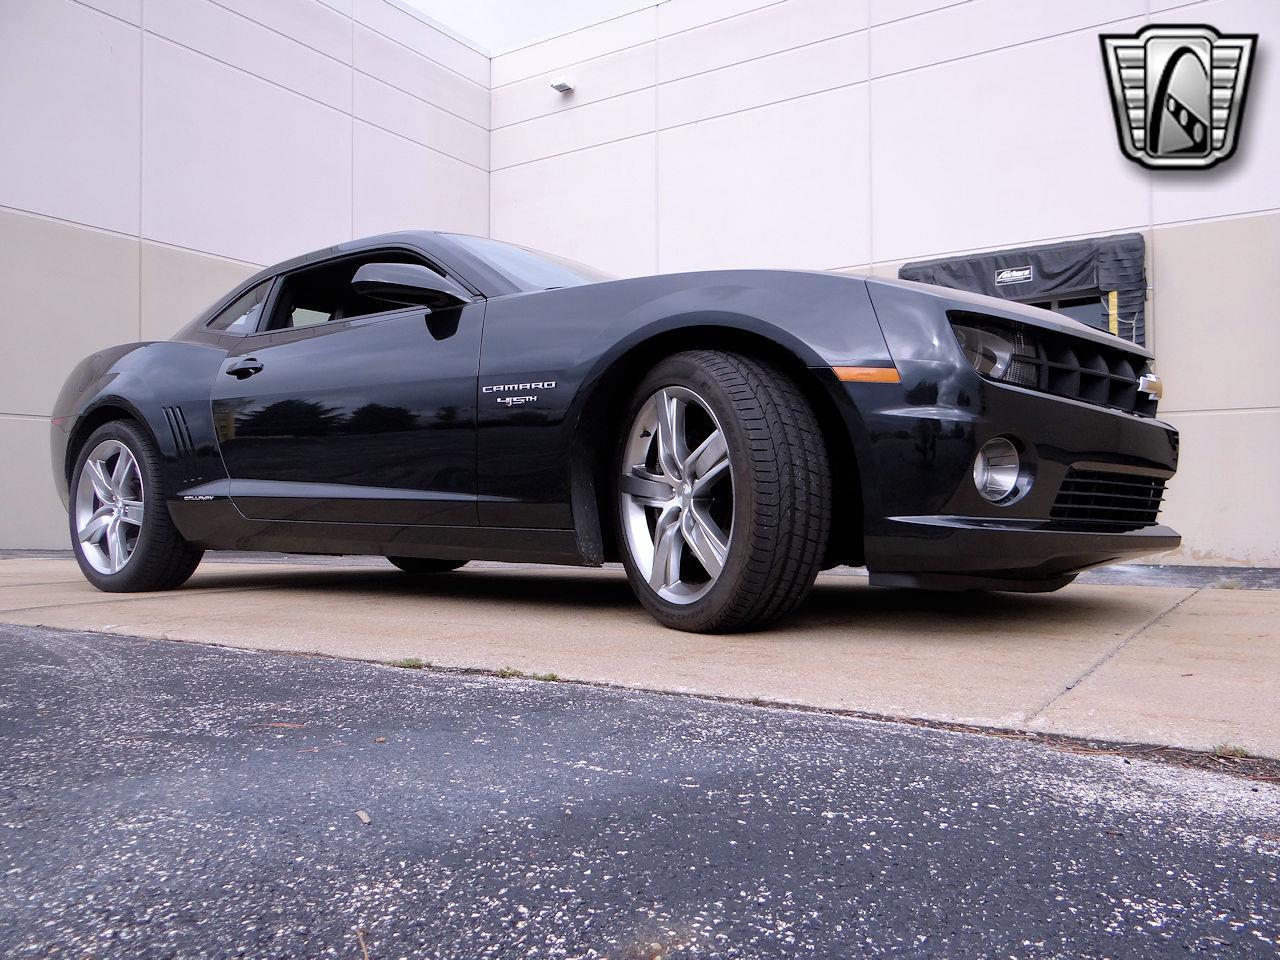 2012 Chevrolet Camaro (CC-1340842) for sale in O'Fallon, Illinois